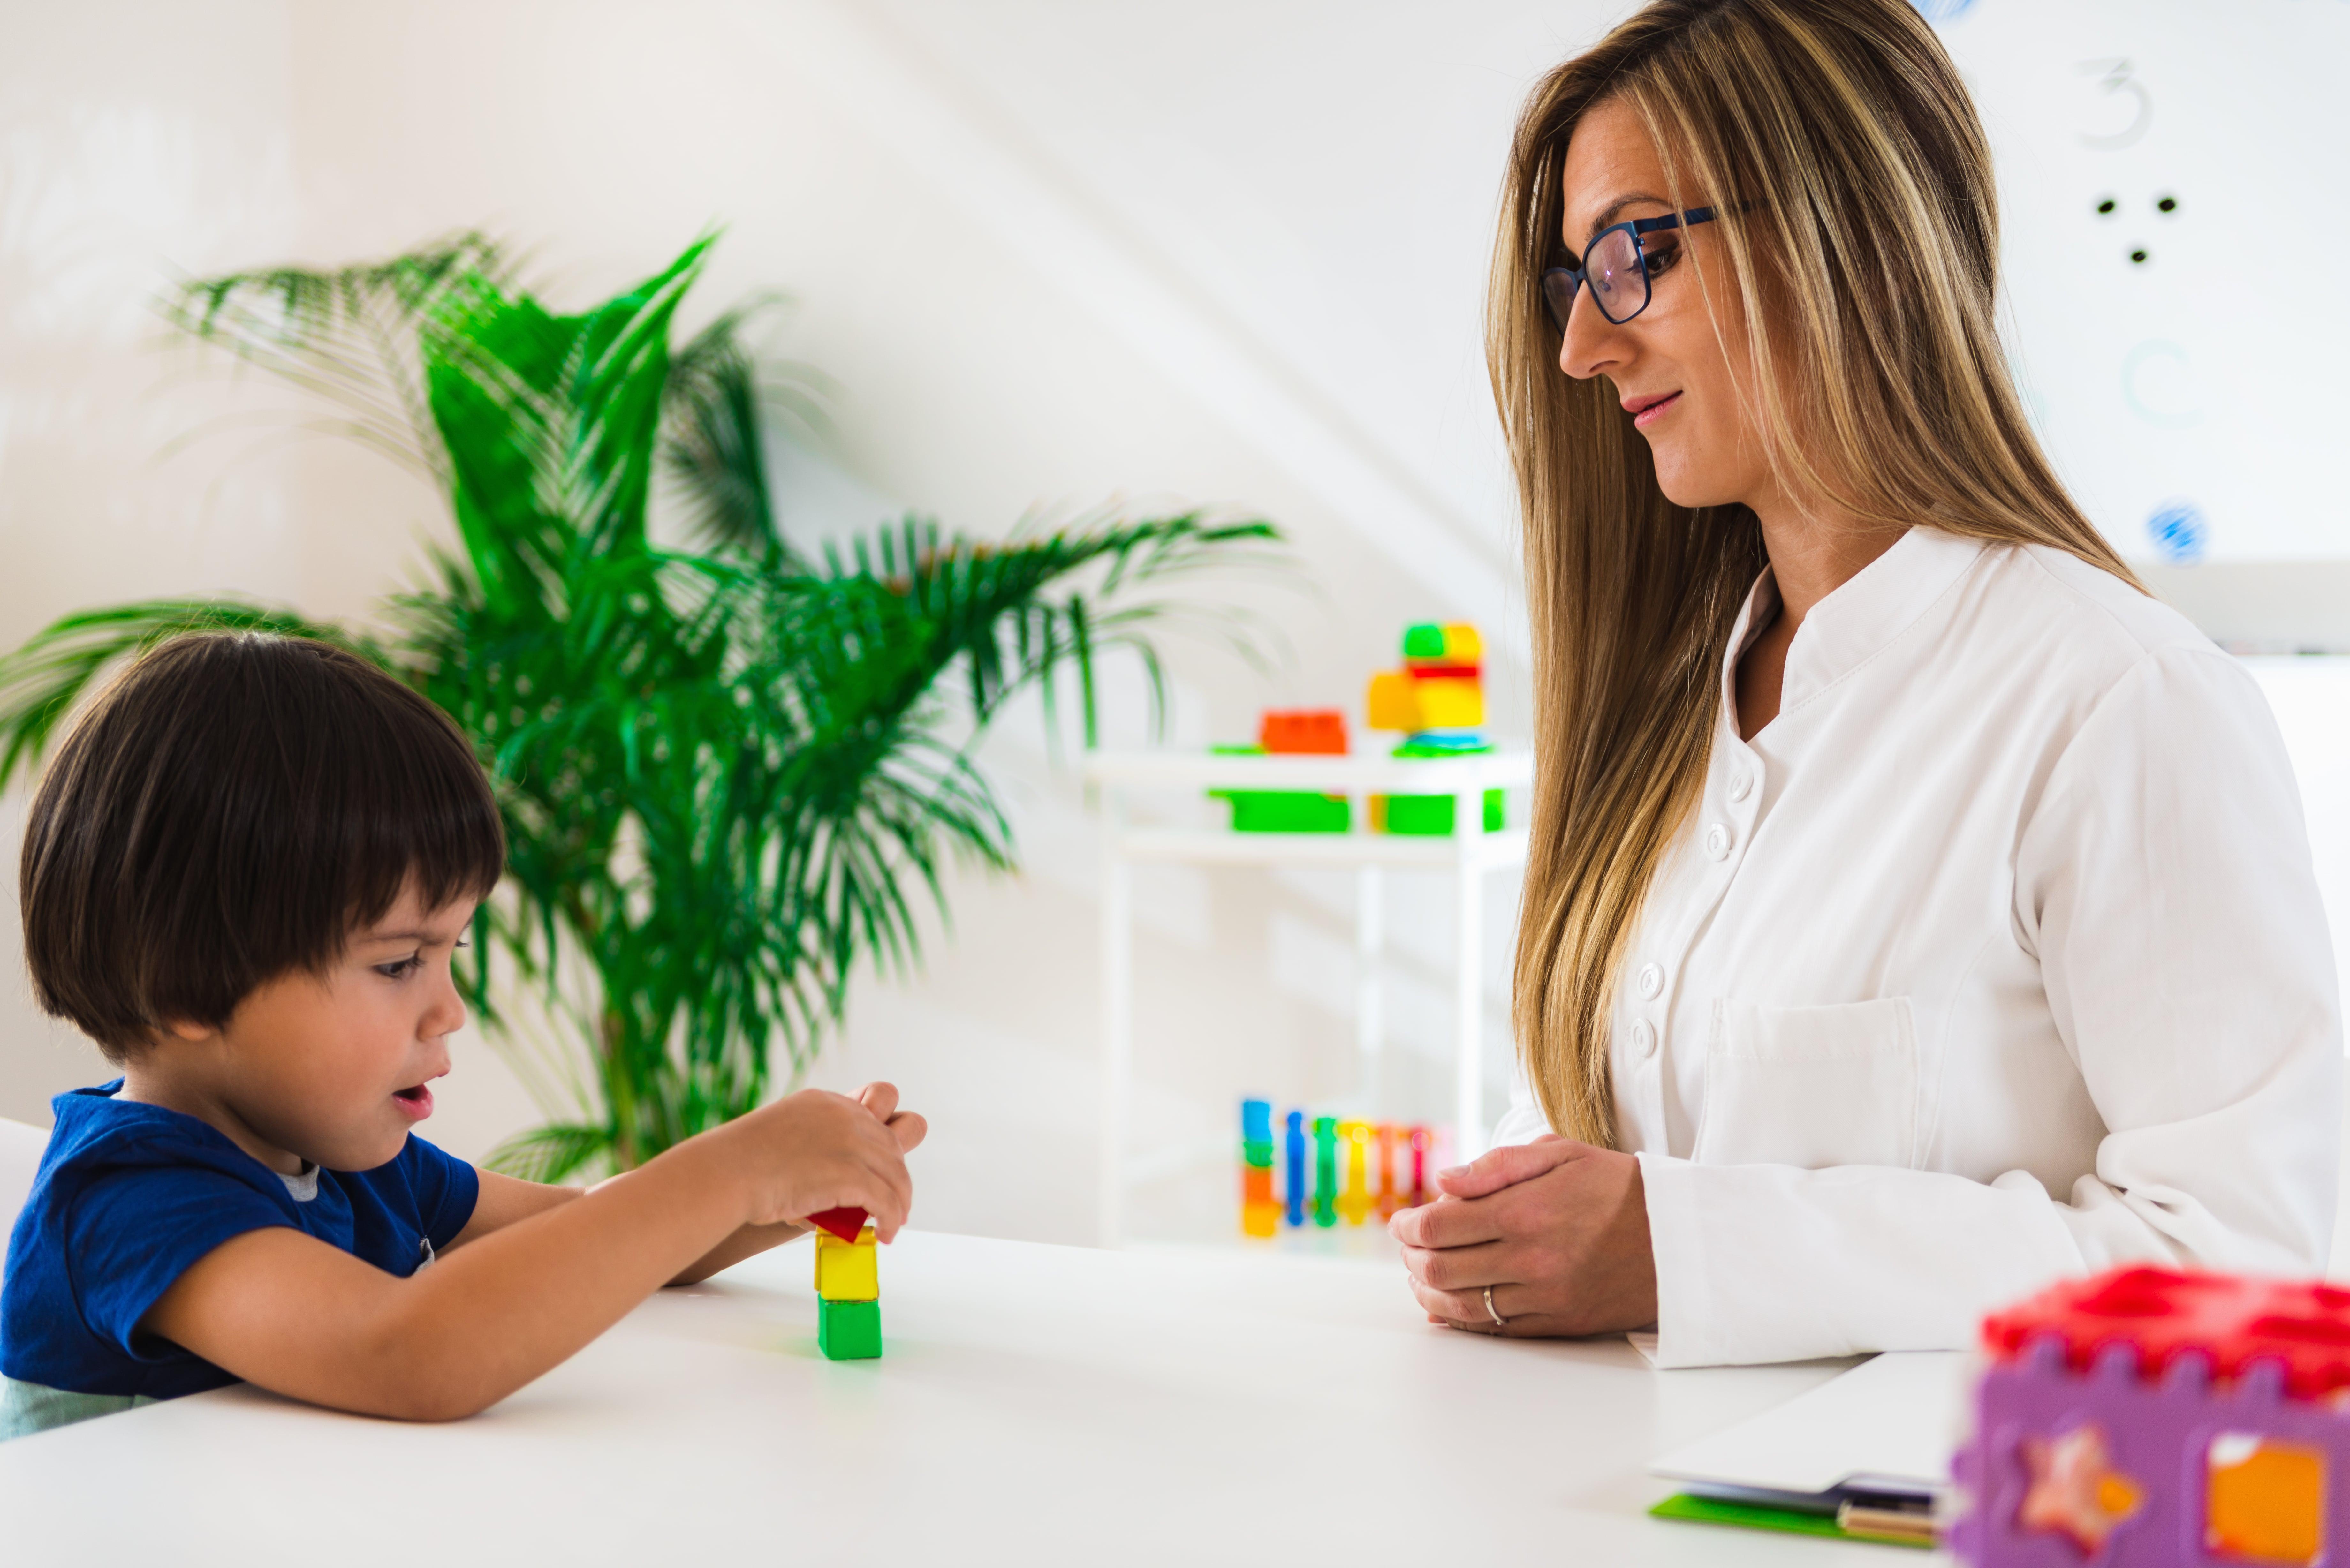 Frau spielt mit Kind am Tisch